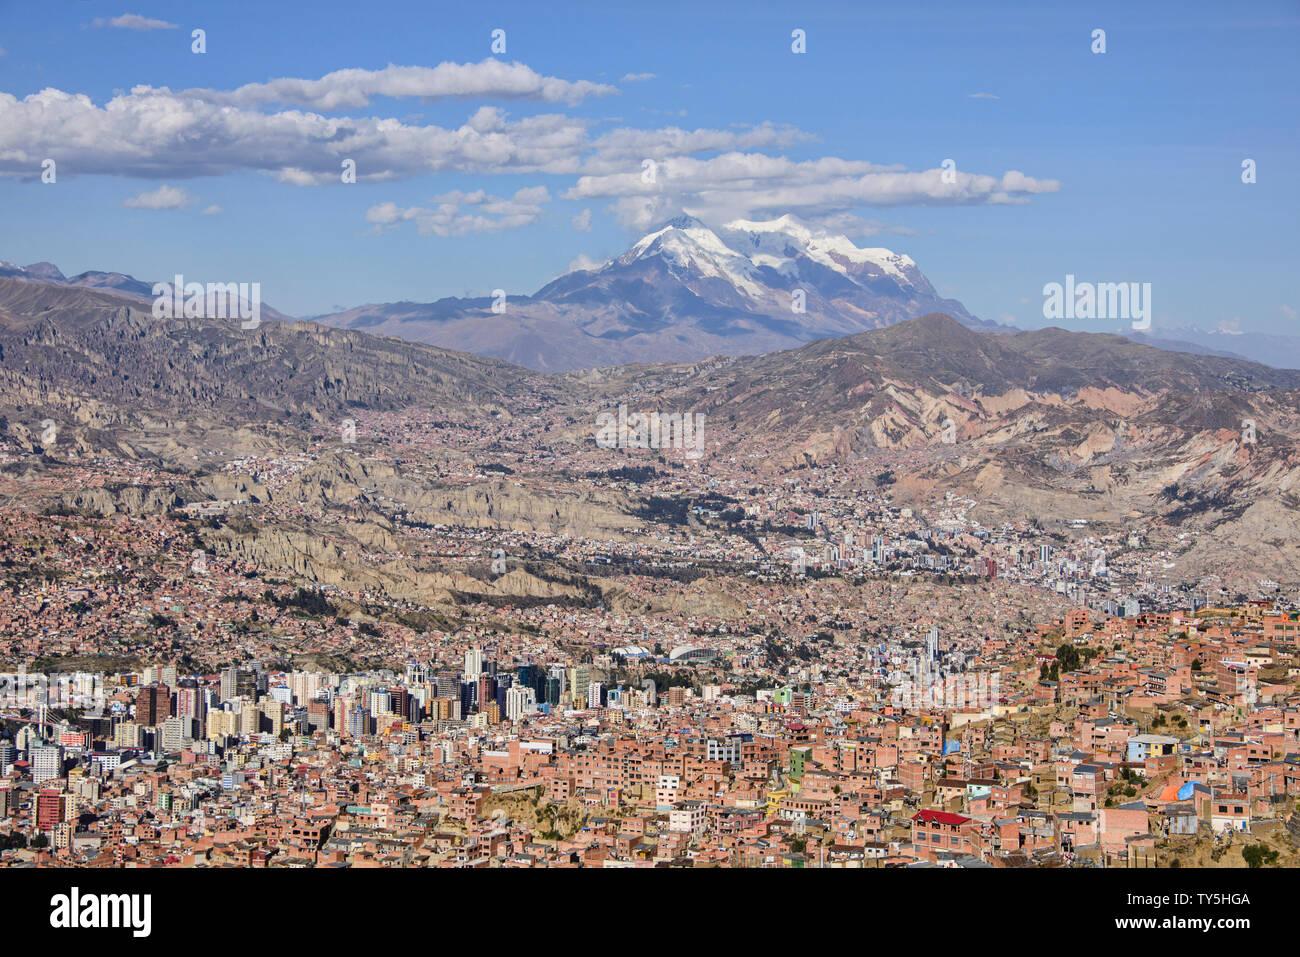 View of La Paz and Illimani from El Alto, Bolivia Stock Photo